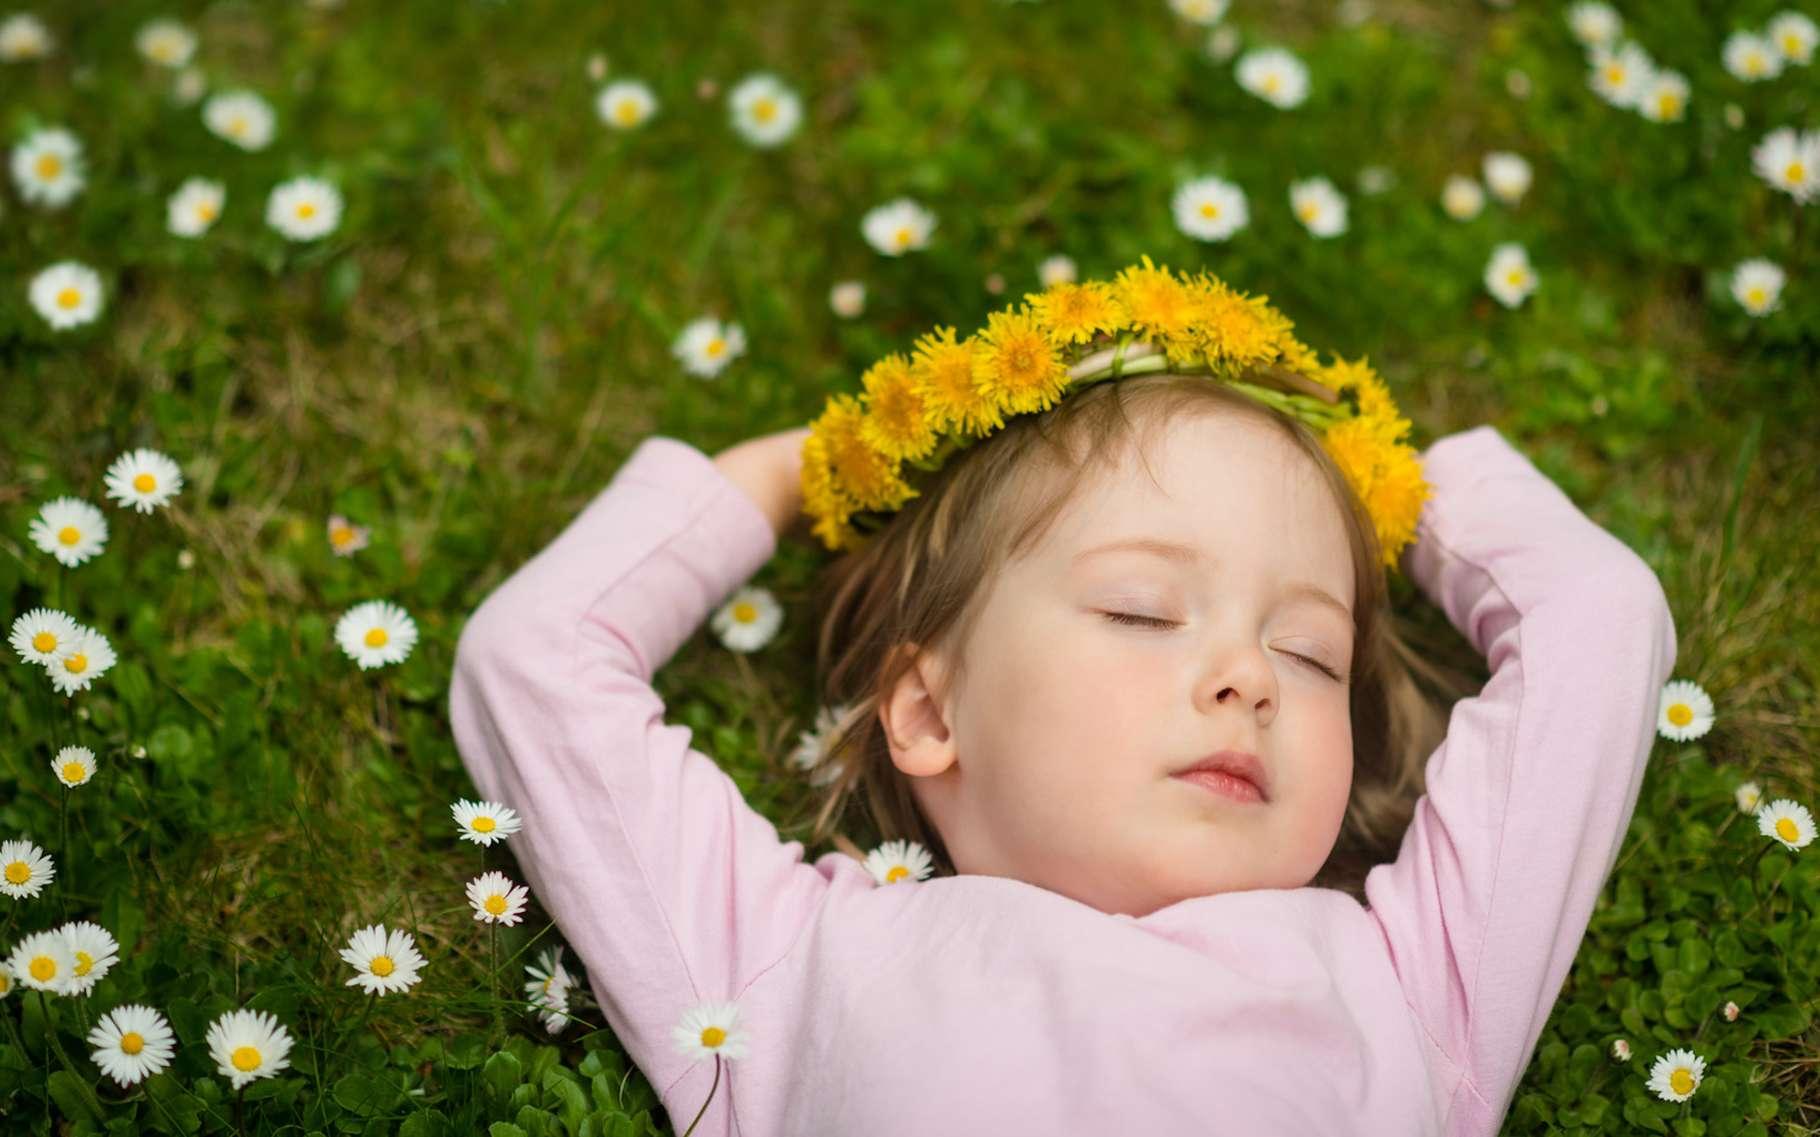 Un bon sommeil permettrait de mieux contrôler ses apports alimentaires. © Martinan, Fotolia